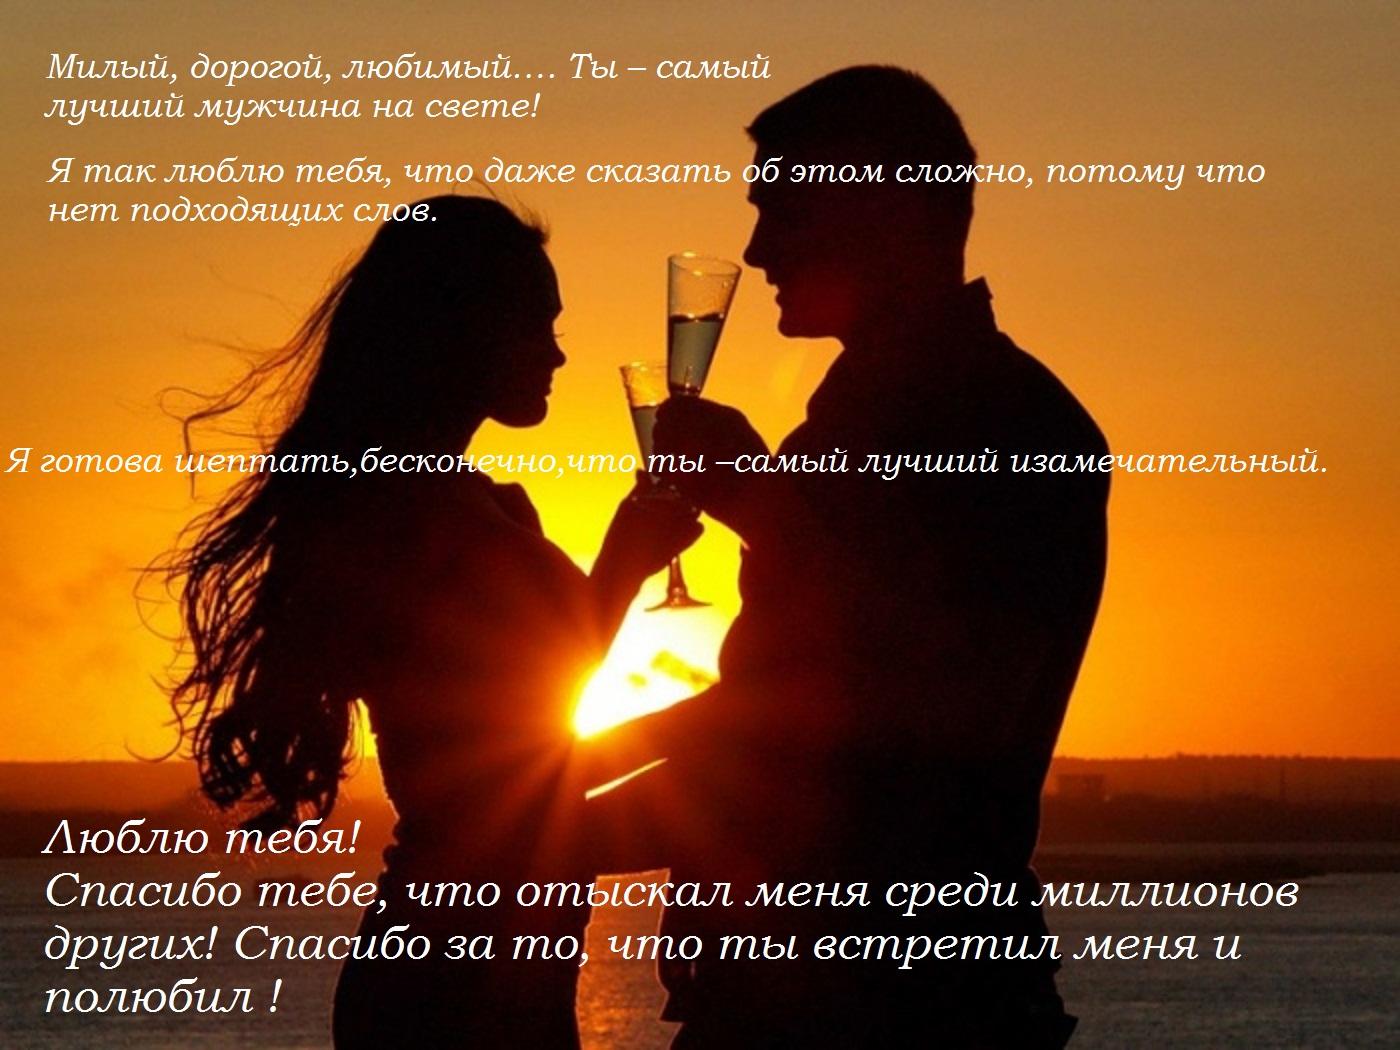 http://s1.uploads.ru/tdJHF.jpg